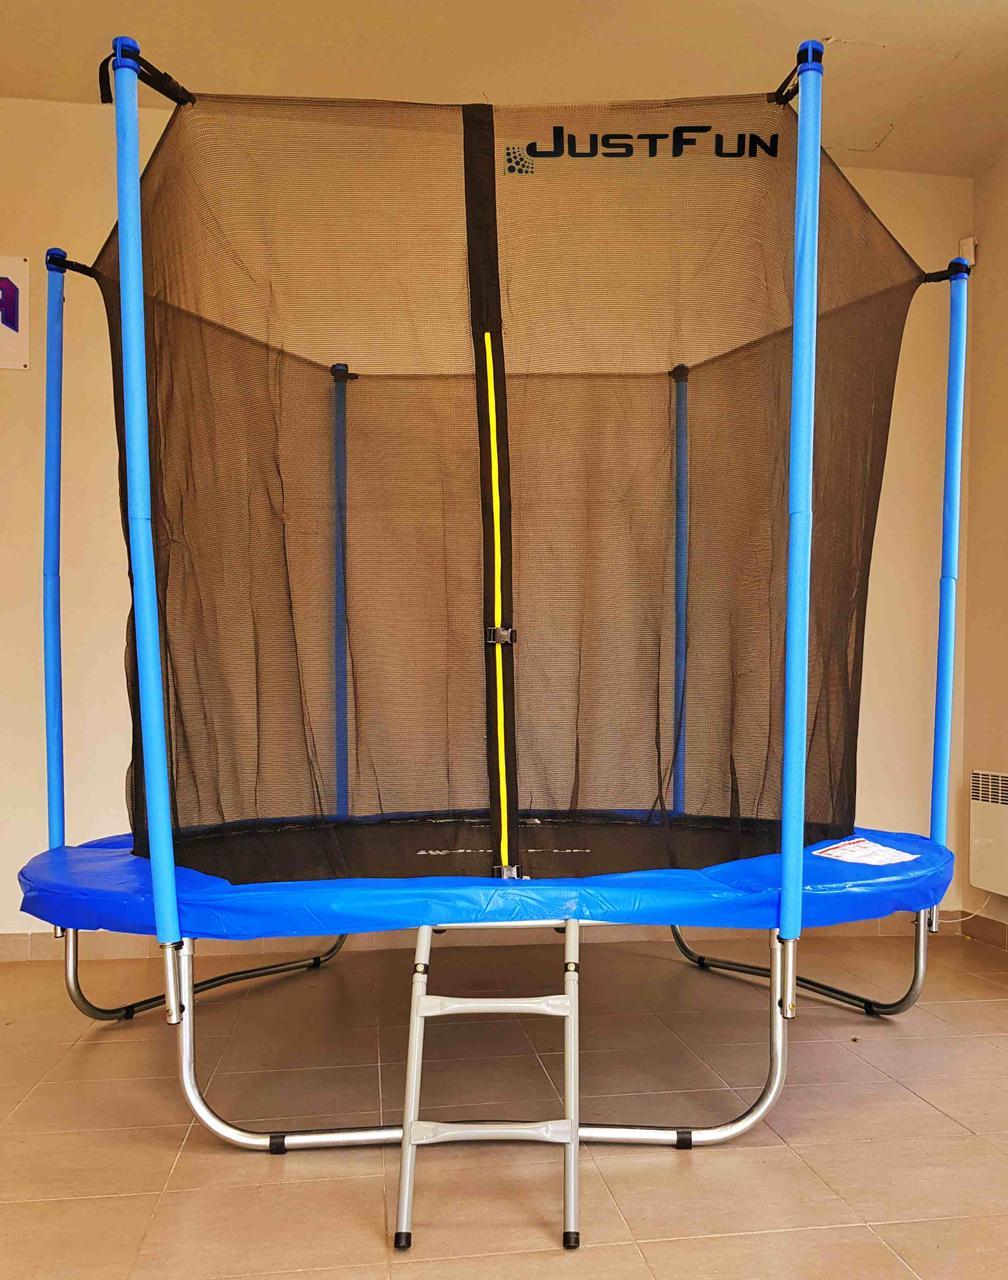 Батут Just Fun 244 см с внутренней сеткой и лестницей